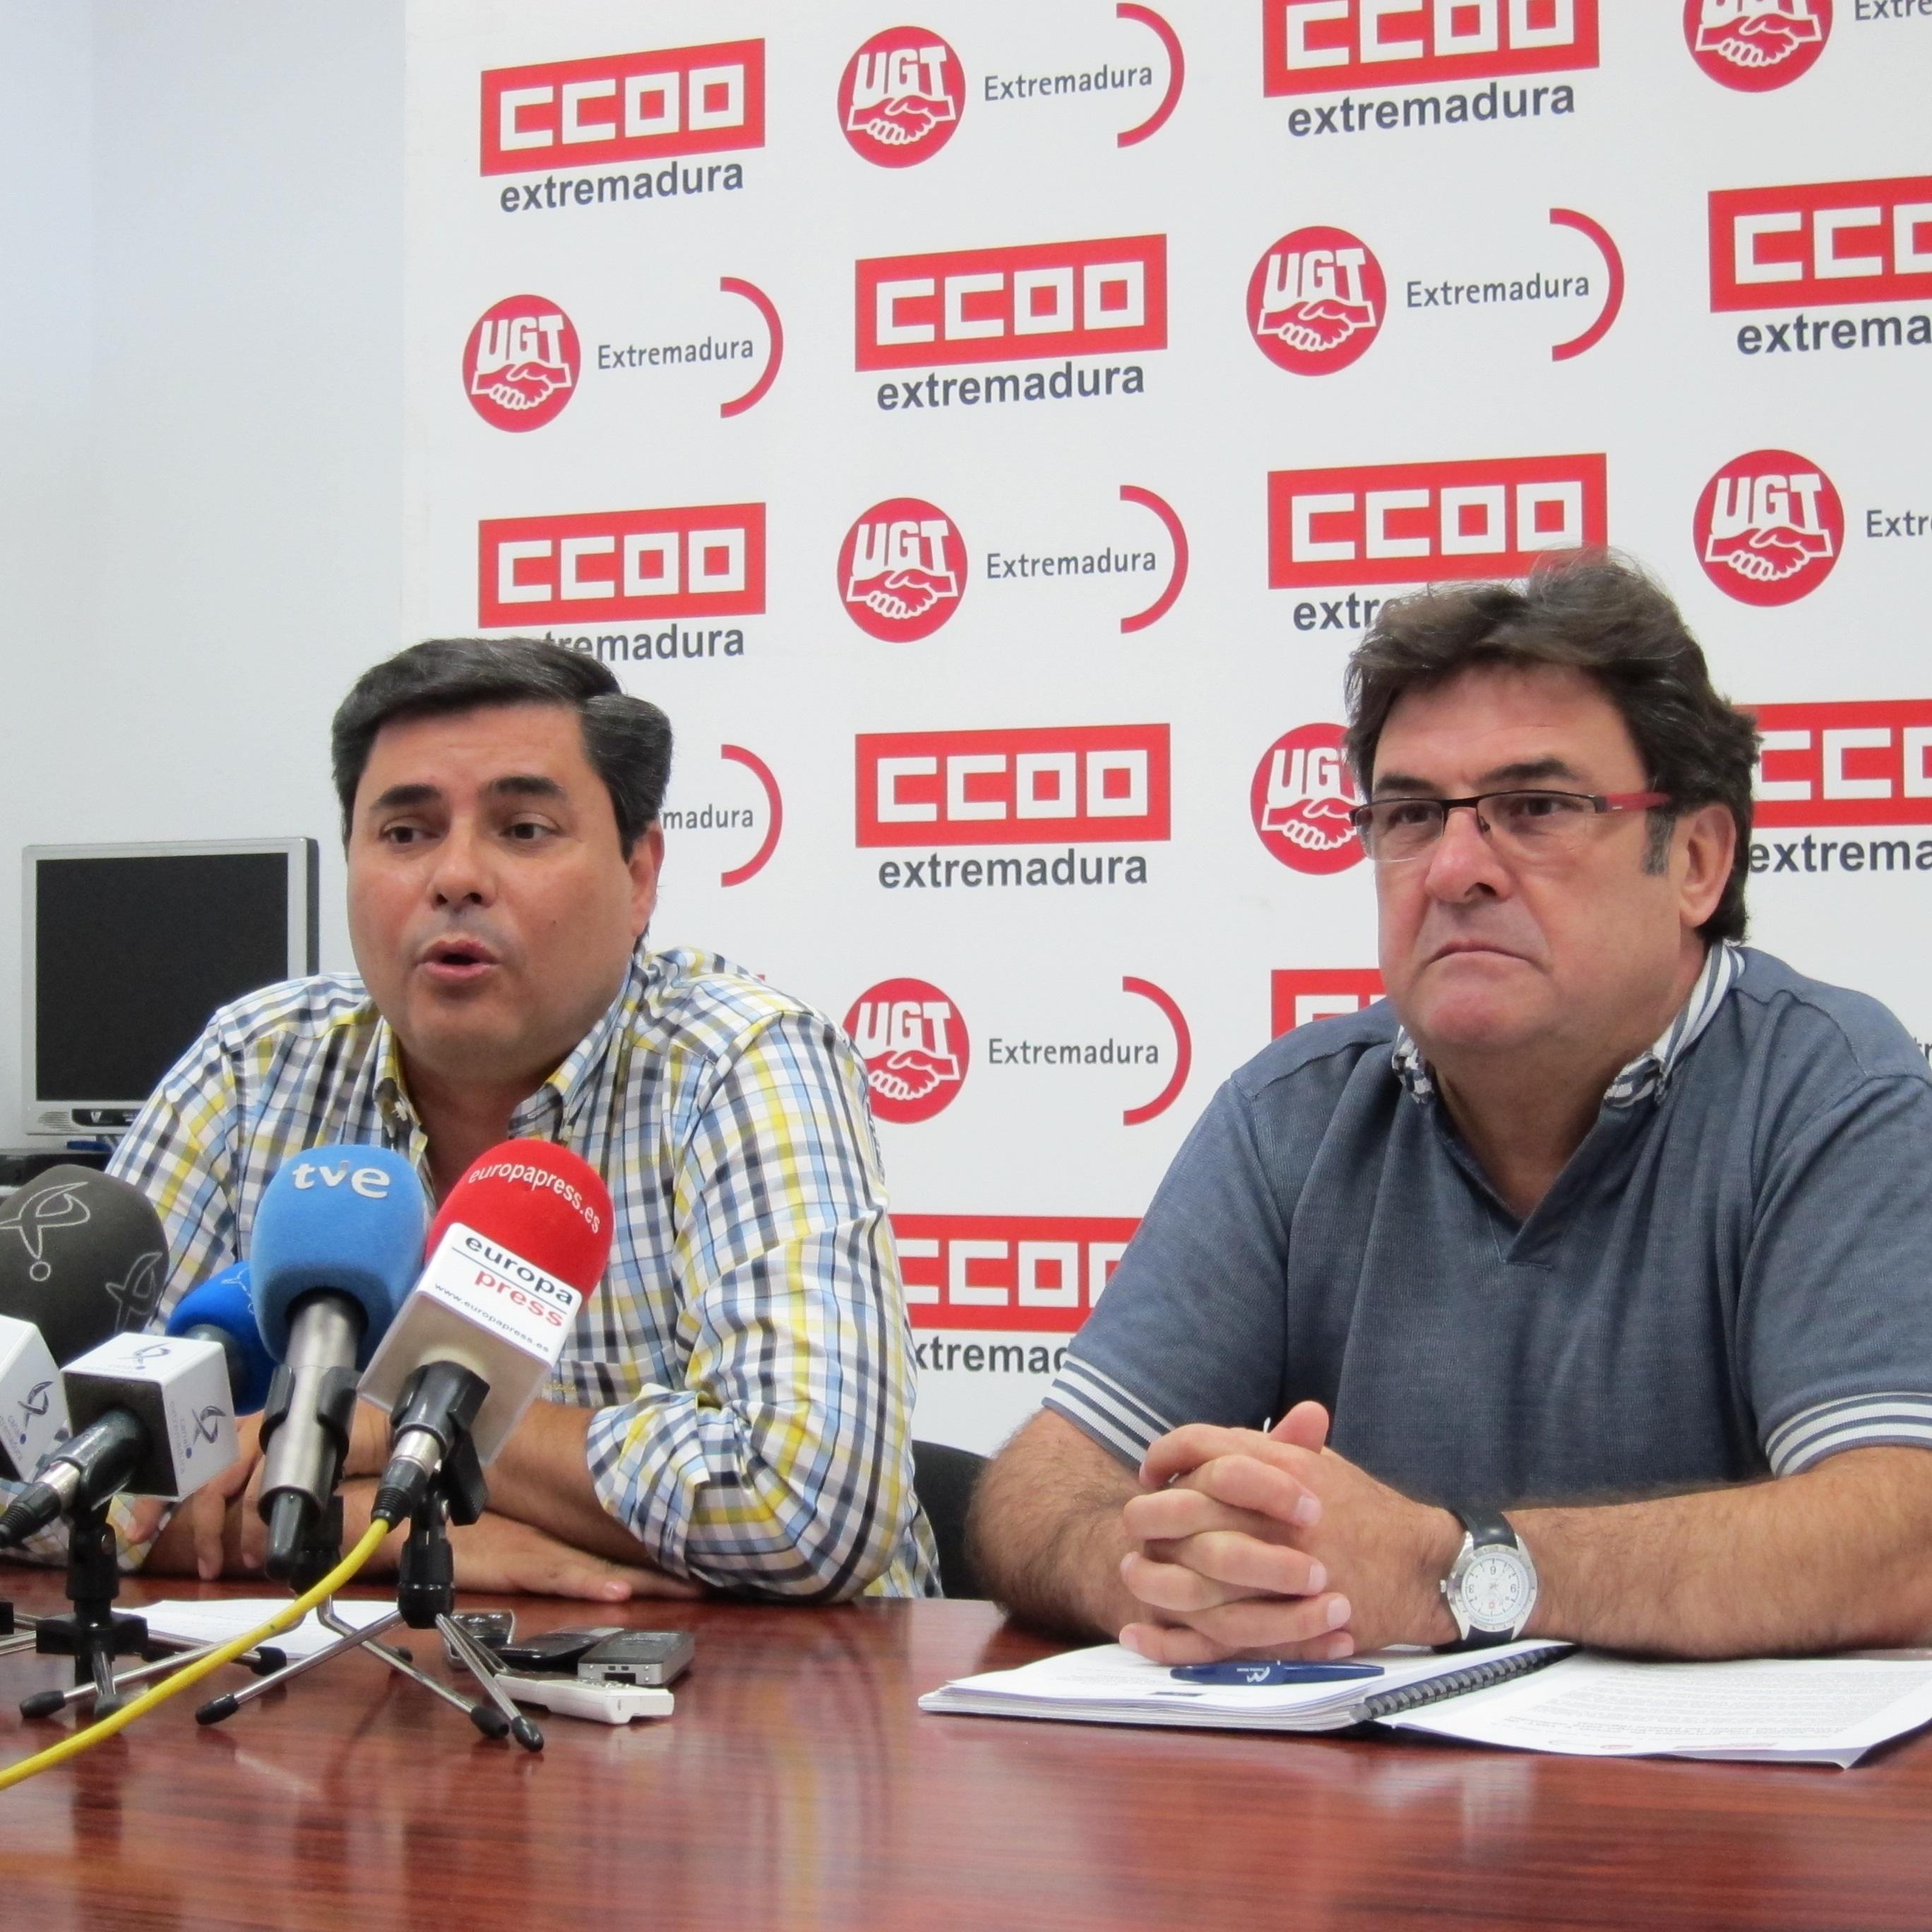 CCOO y UGT consideran que la directiva del tabaco «no tiene por qué» perjudicar a Extremadura si se «cambia» la PAC